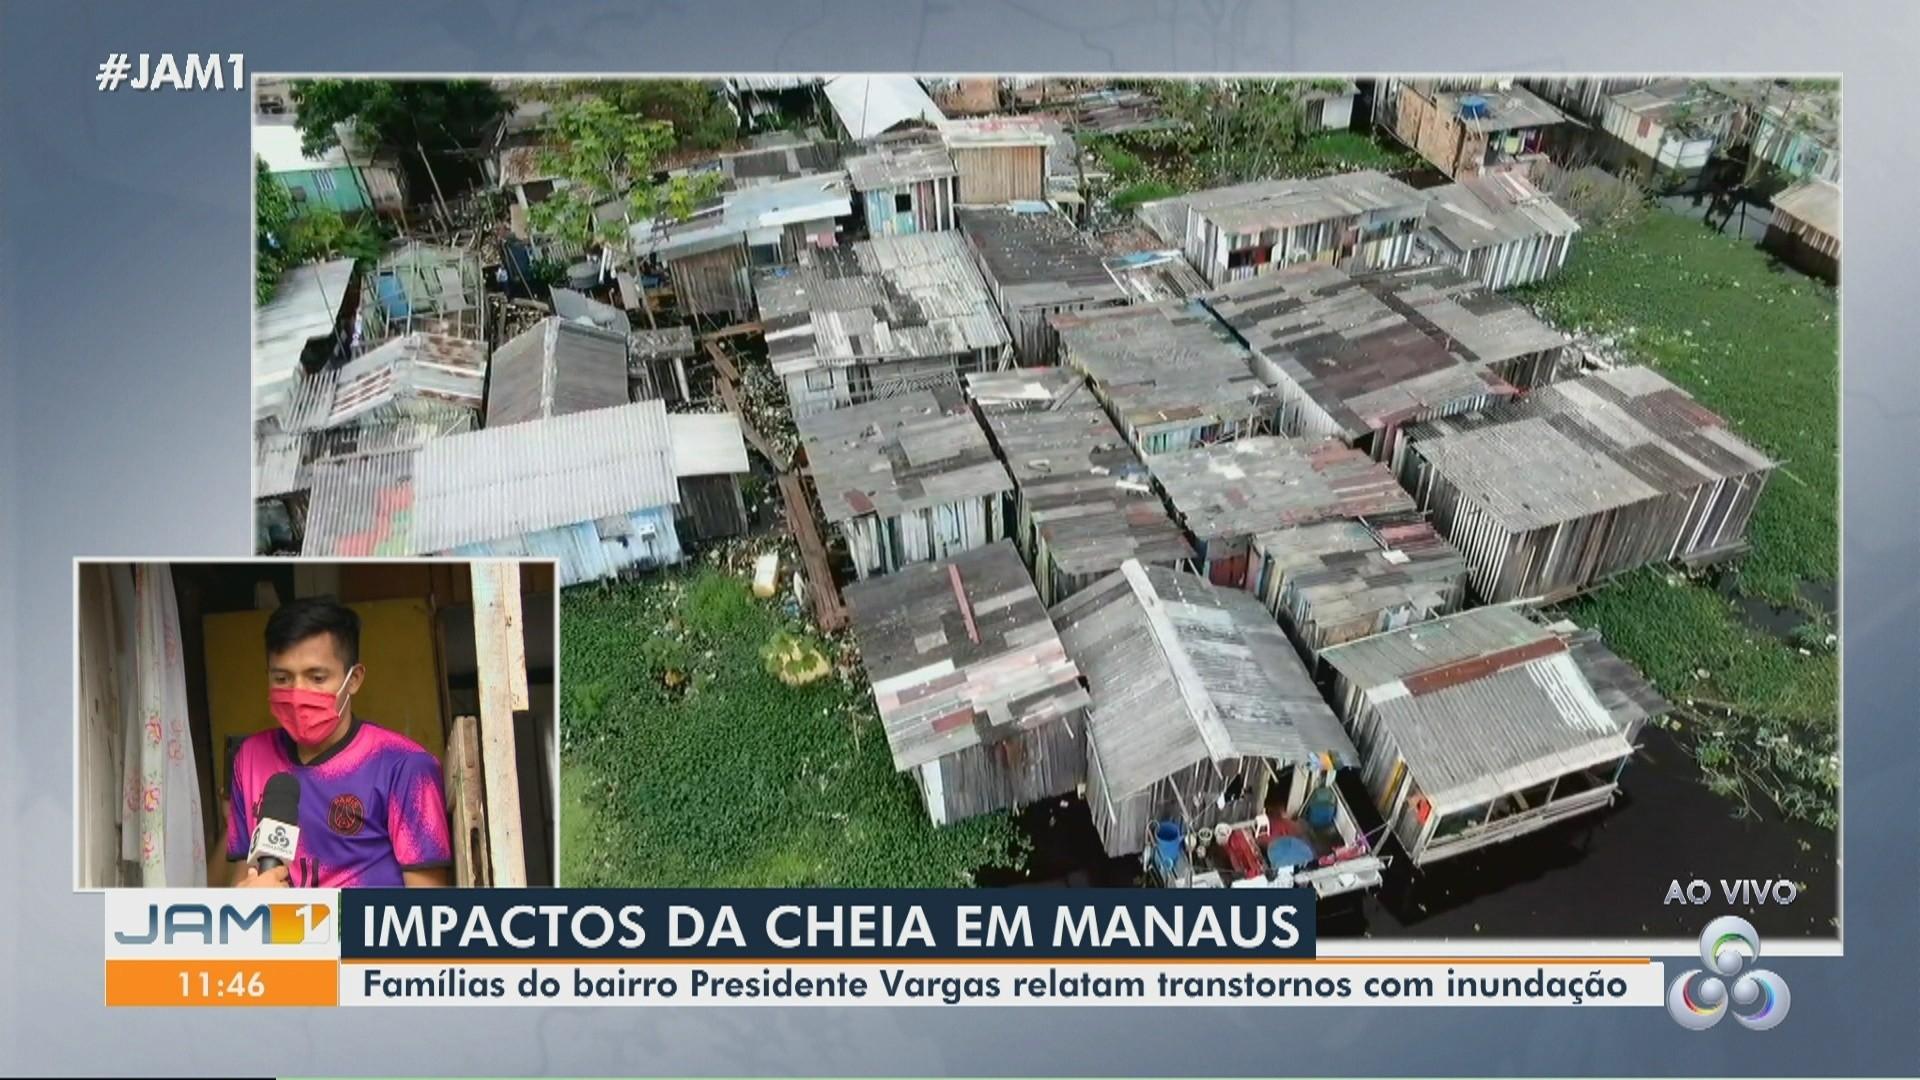 VÍDEOS: Famílias relatam transtornos com inundação em Manaus; Veja destaques do JAM1